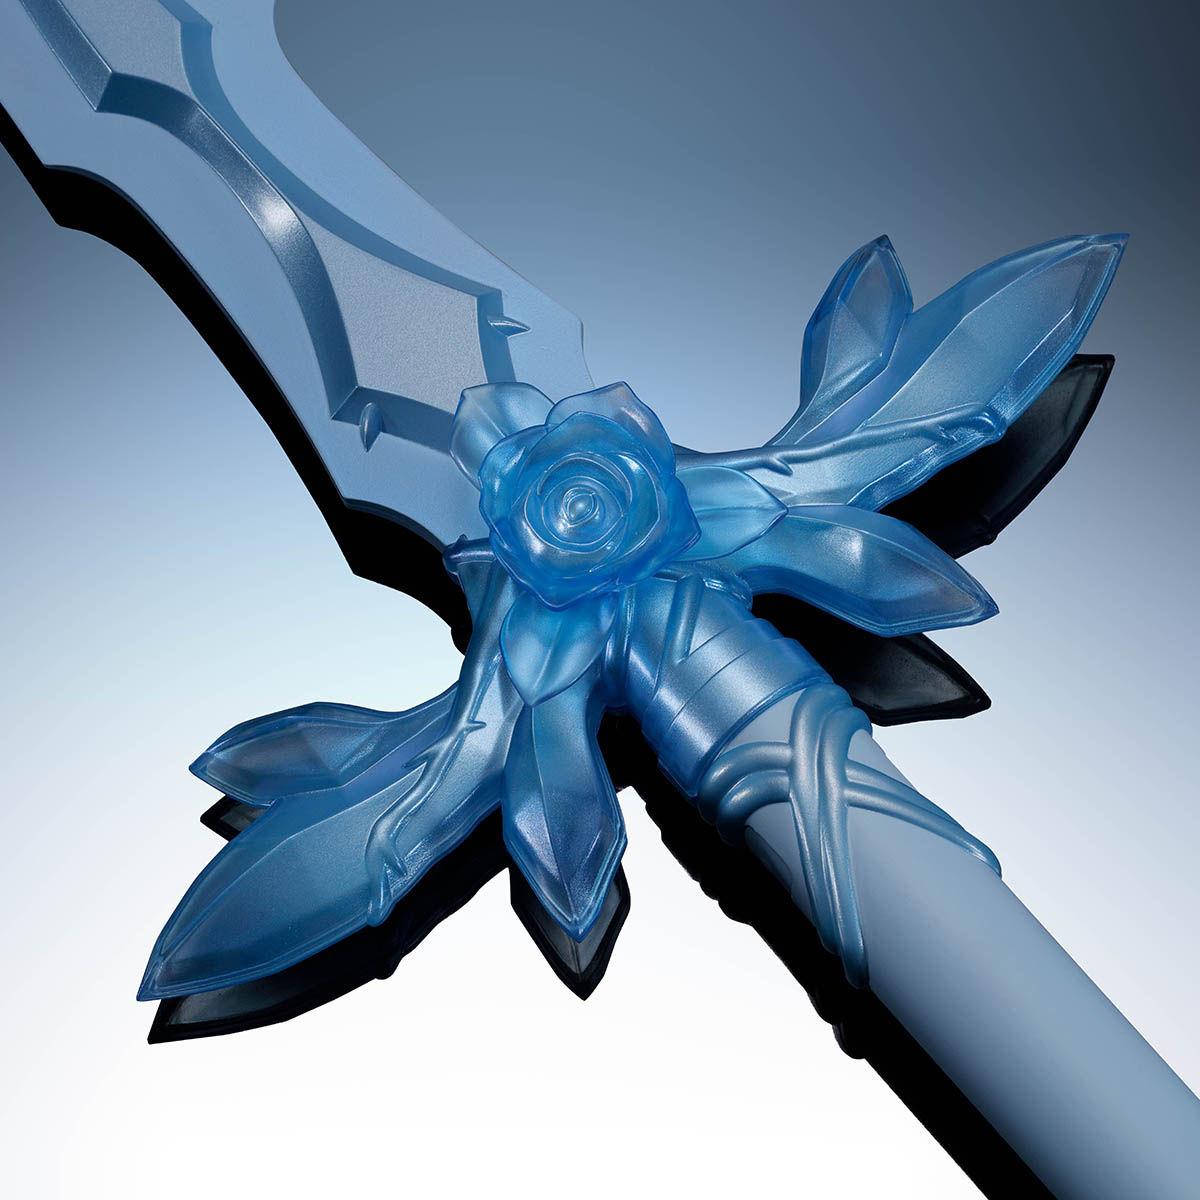 【限定販売】PROPLICA プロップリカ『青薔薇の剣』ソードアート・オンライン 変身なりきり-001